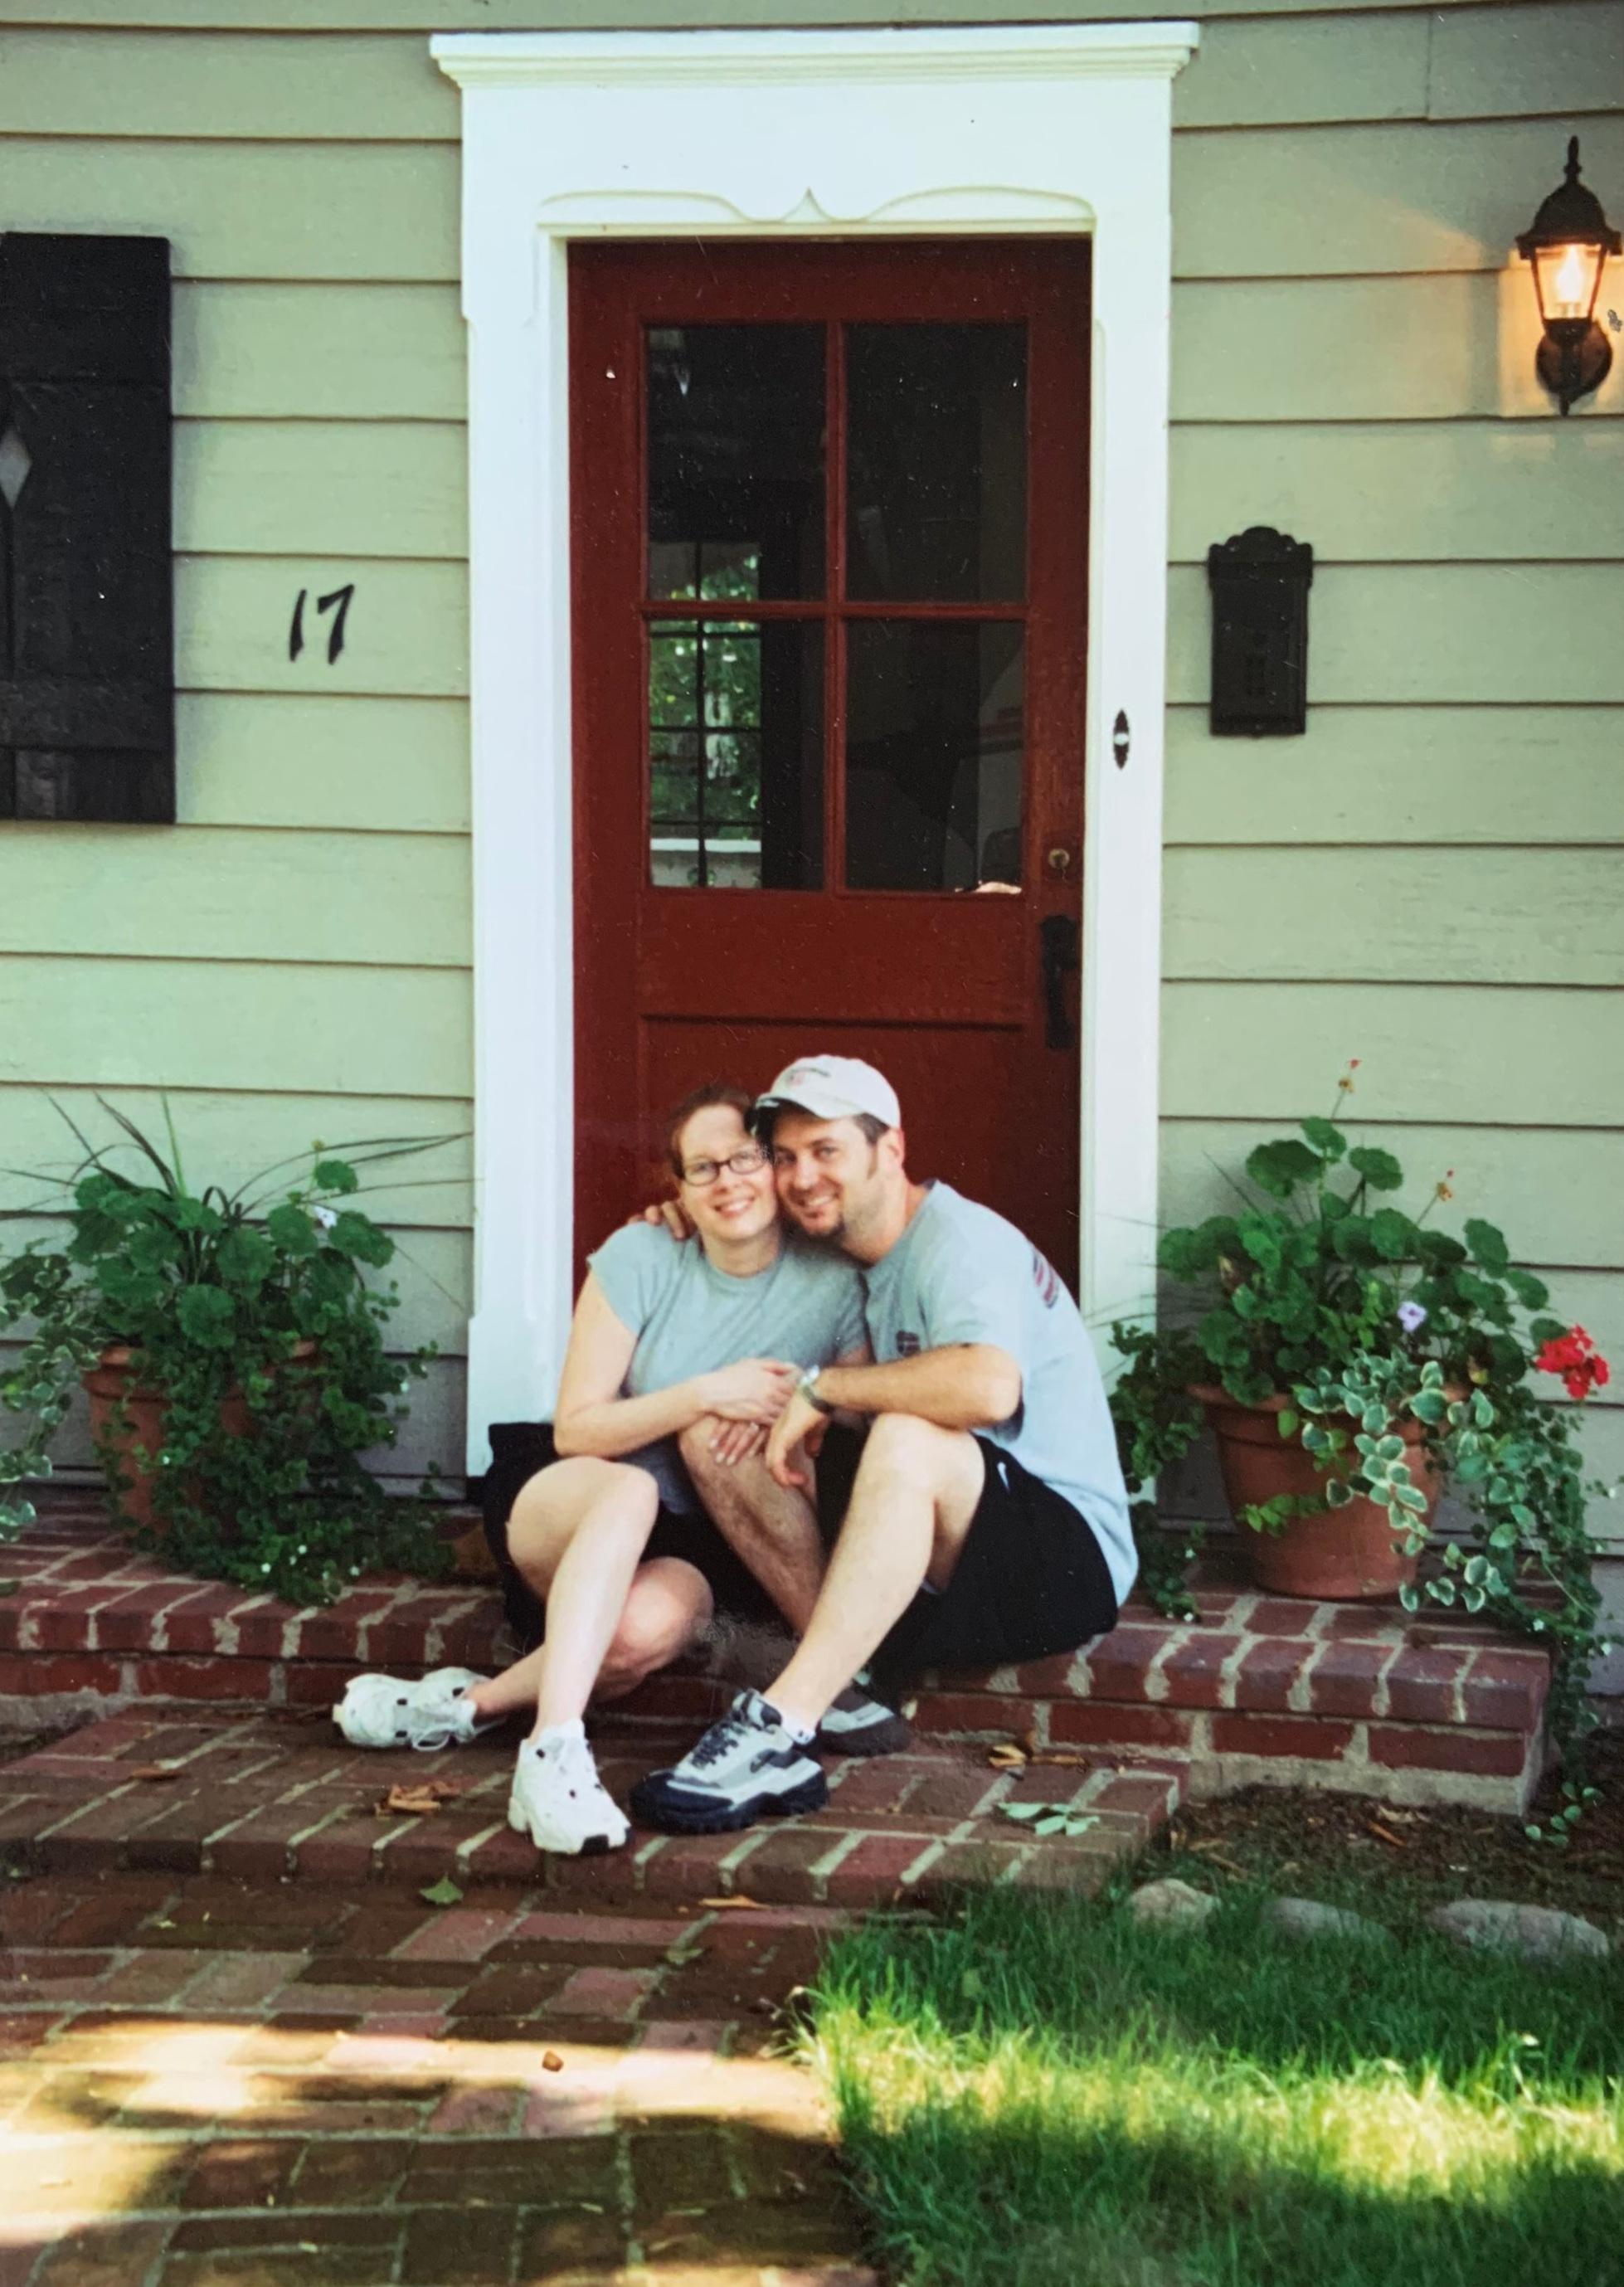 July 24, 2003